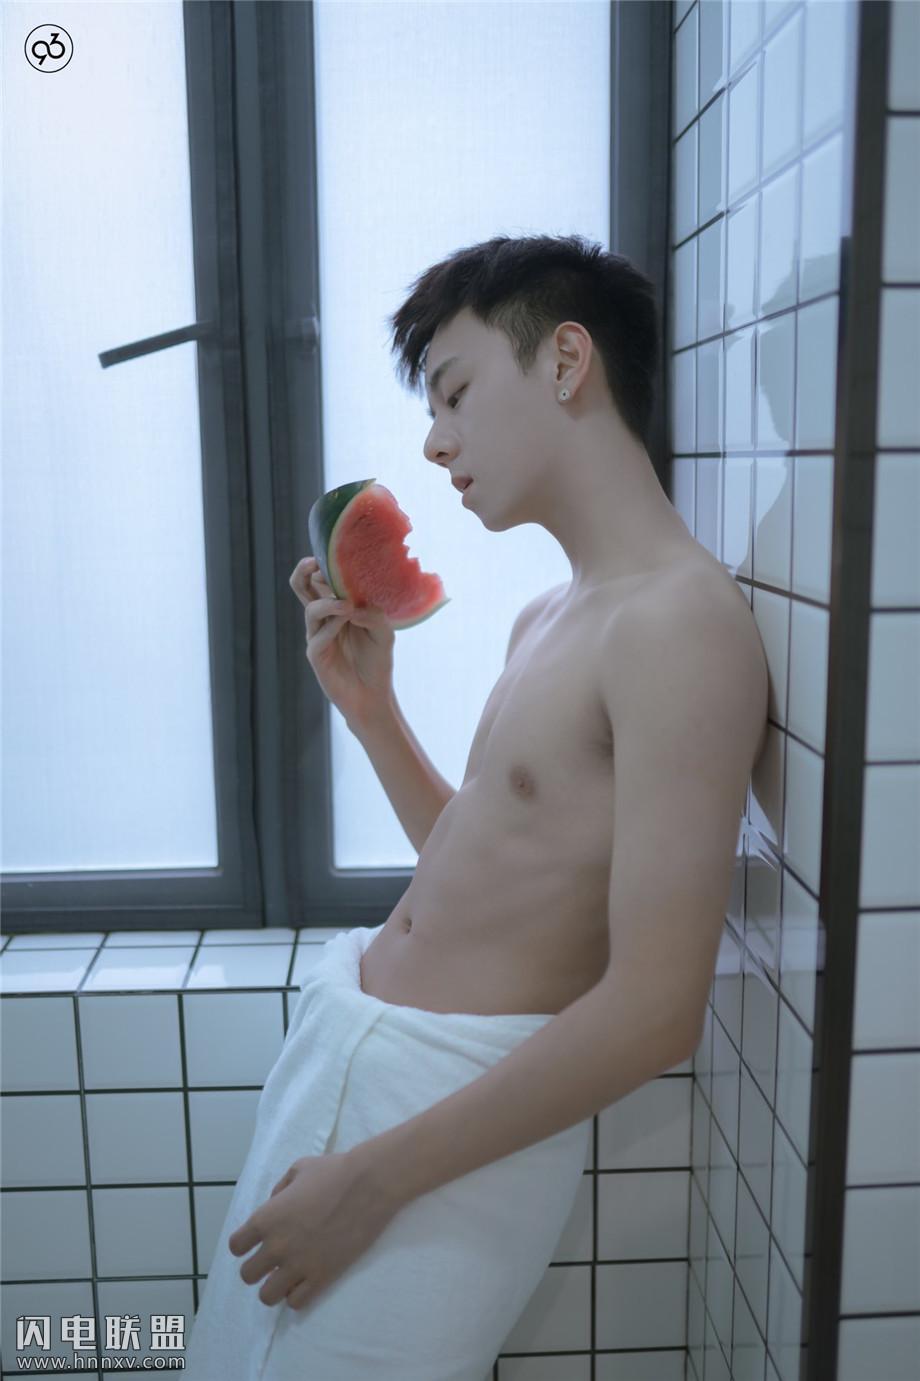 性感19岁帅哥自拍照小鲜肉